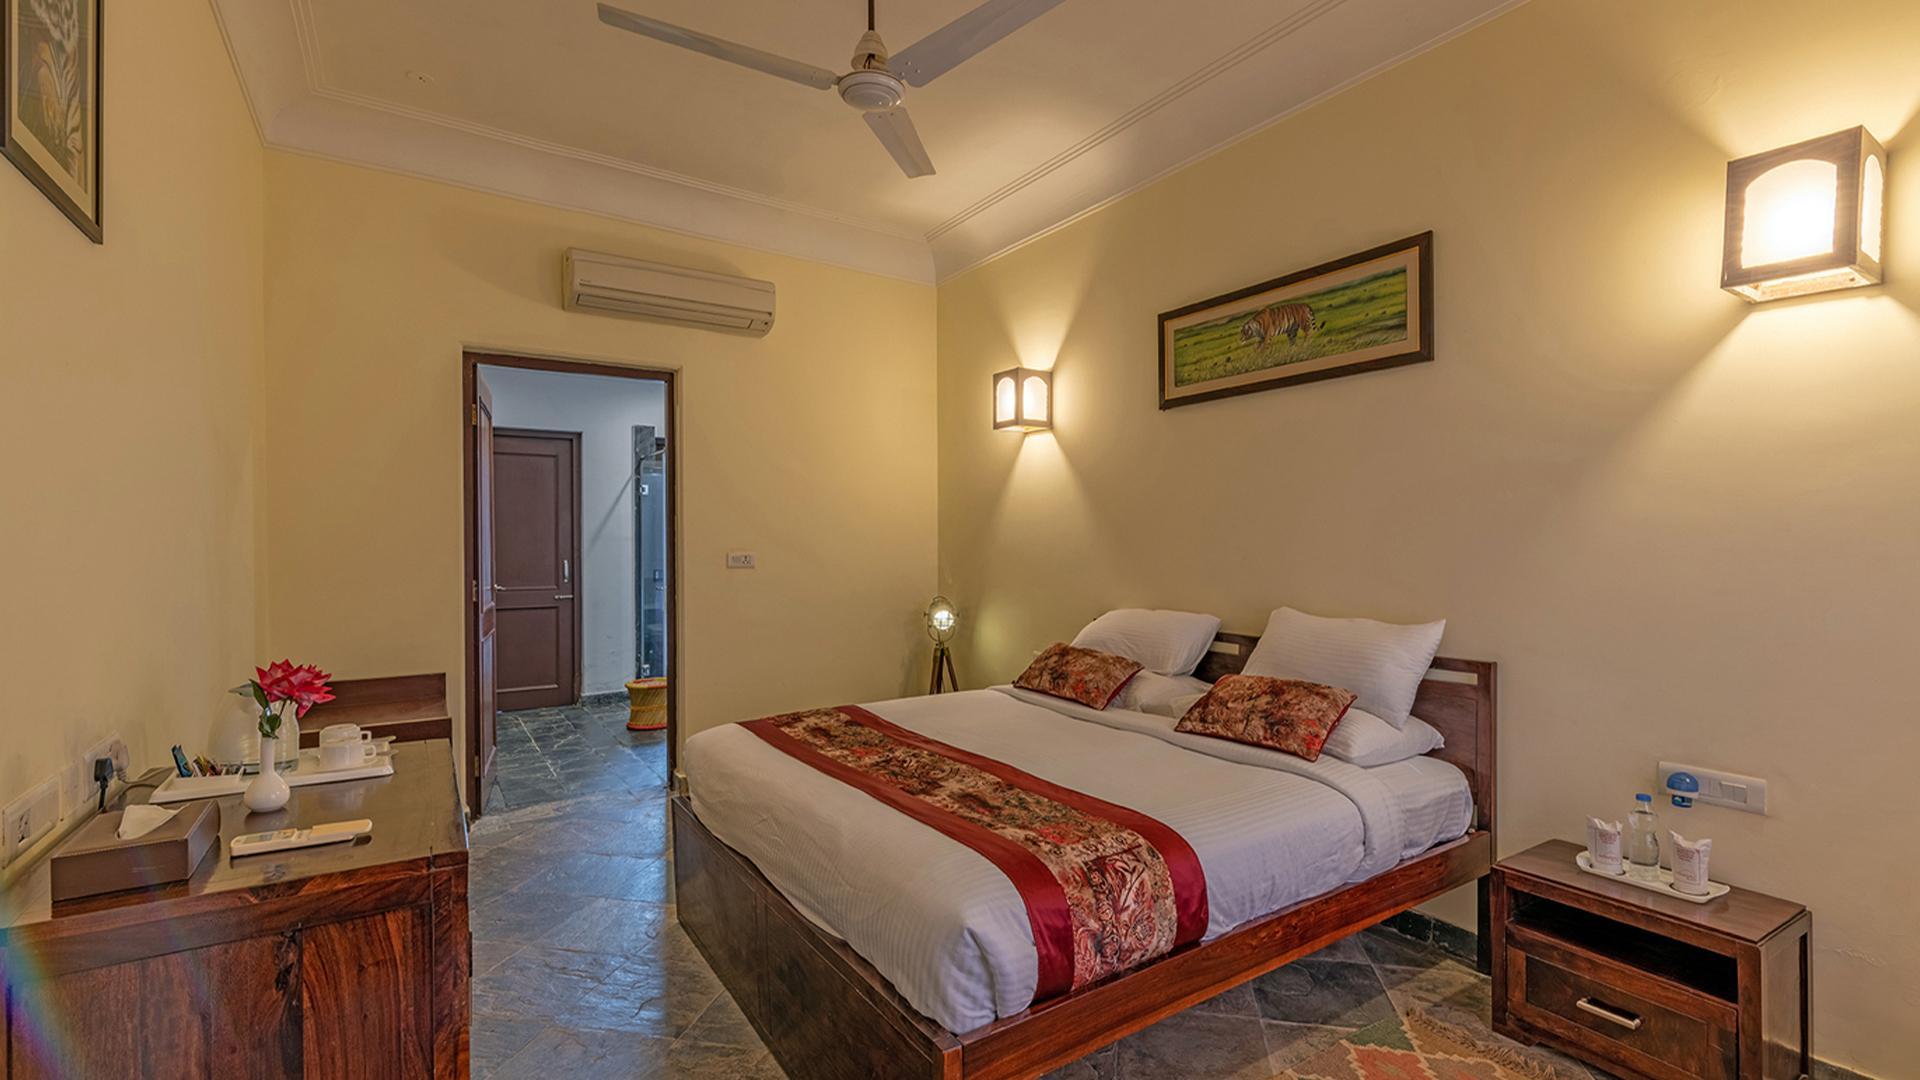 Deluxe Room image 1 at Ranthambhore Kothi by Sawai Madhopur, Rajasthan, India